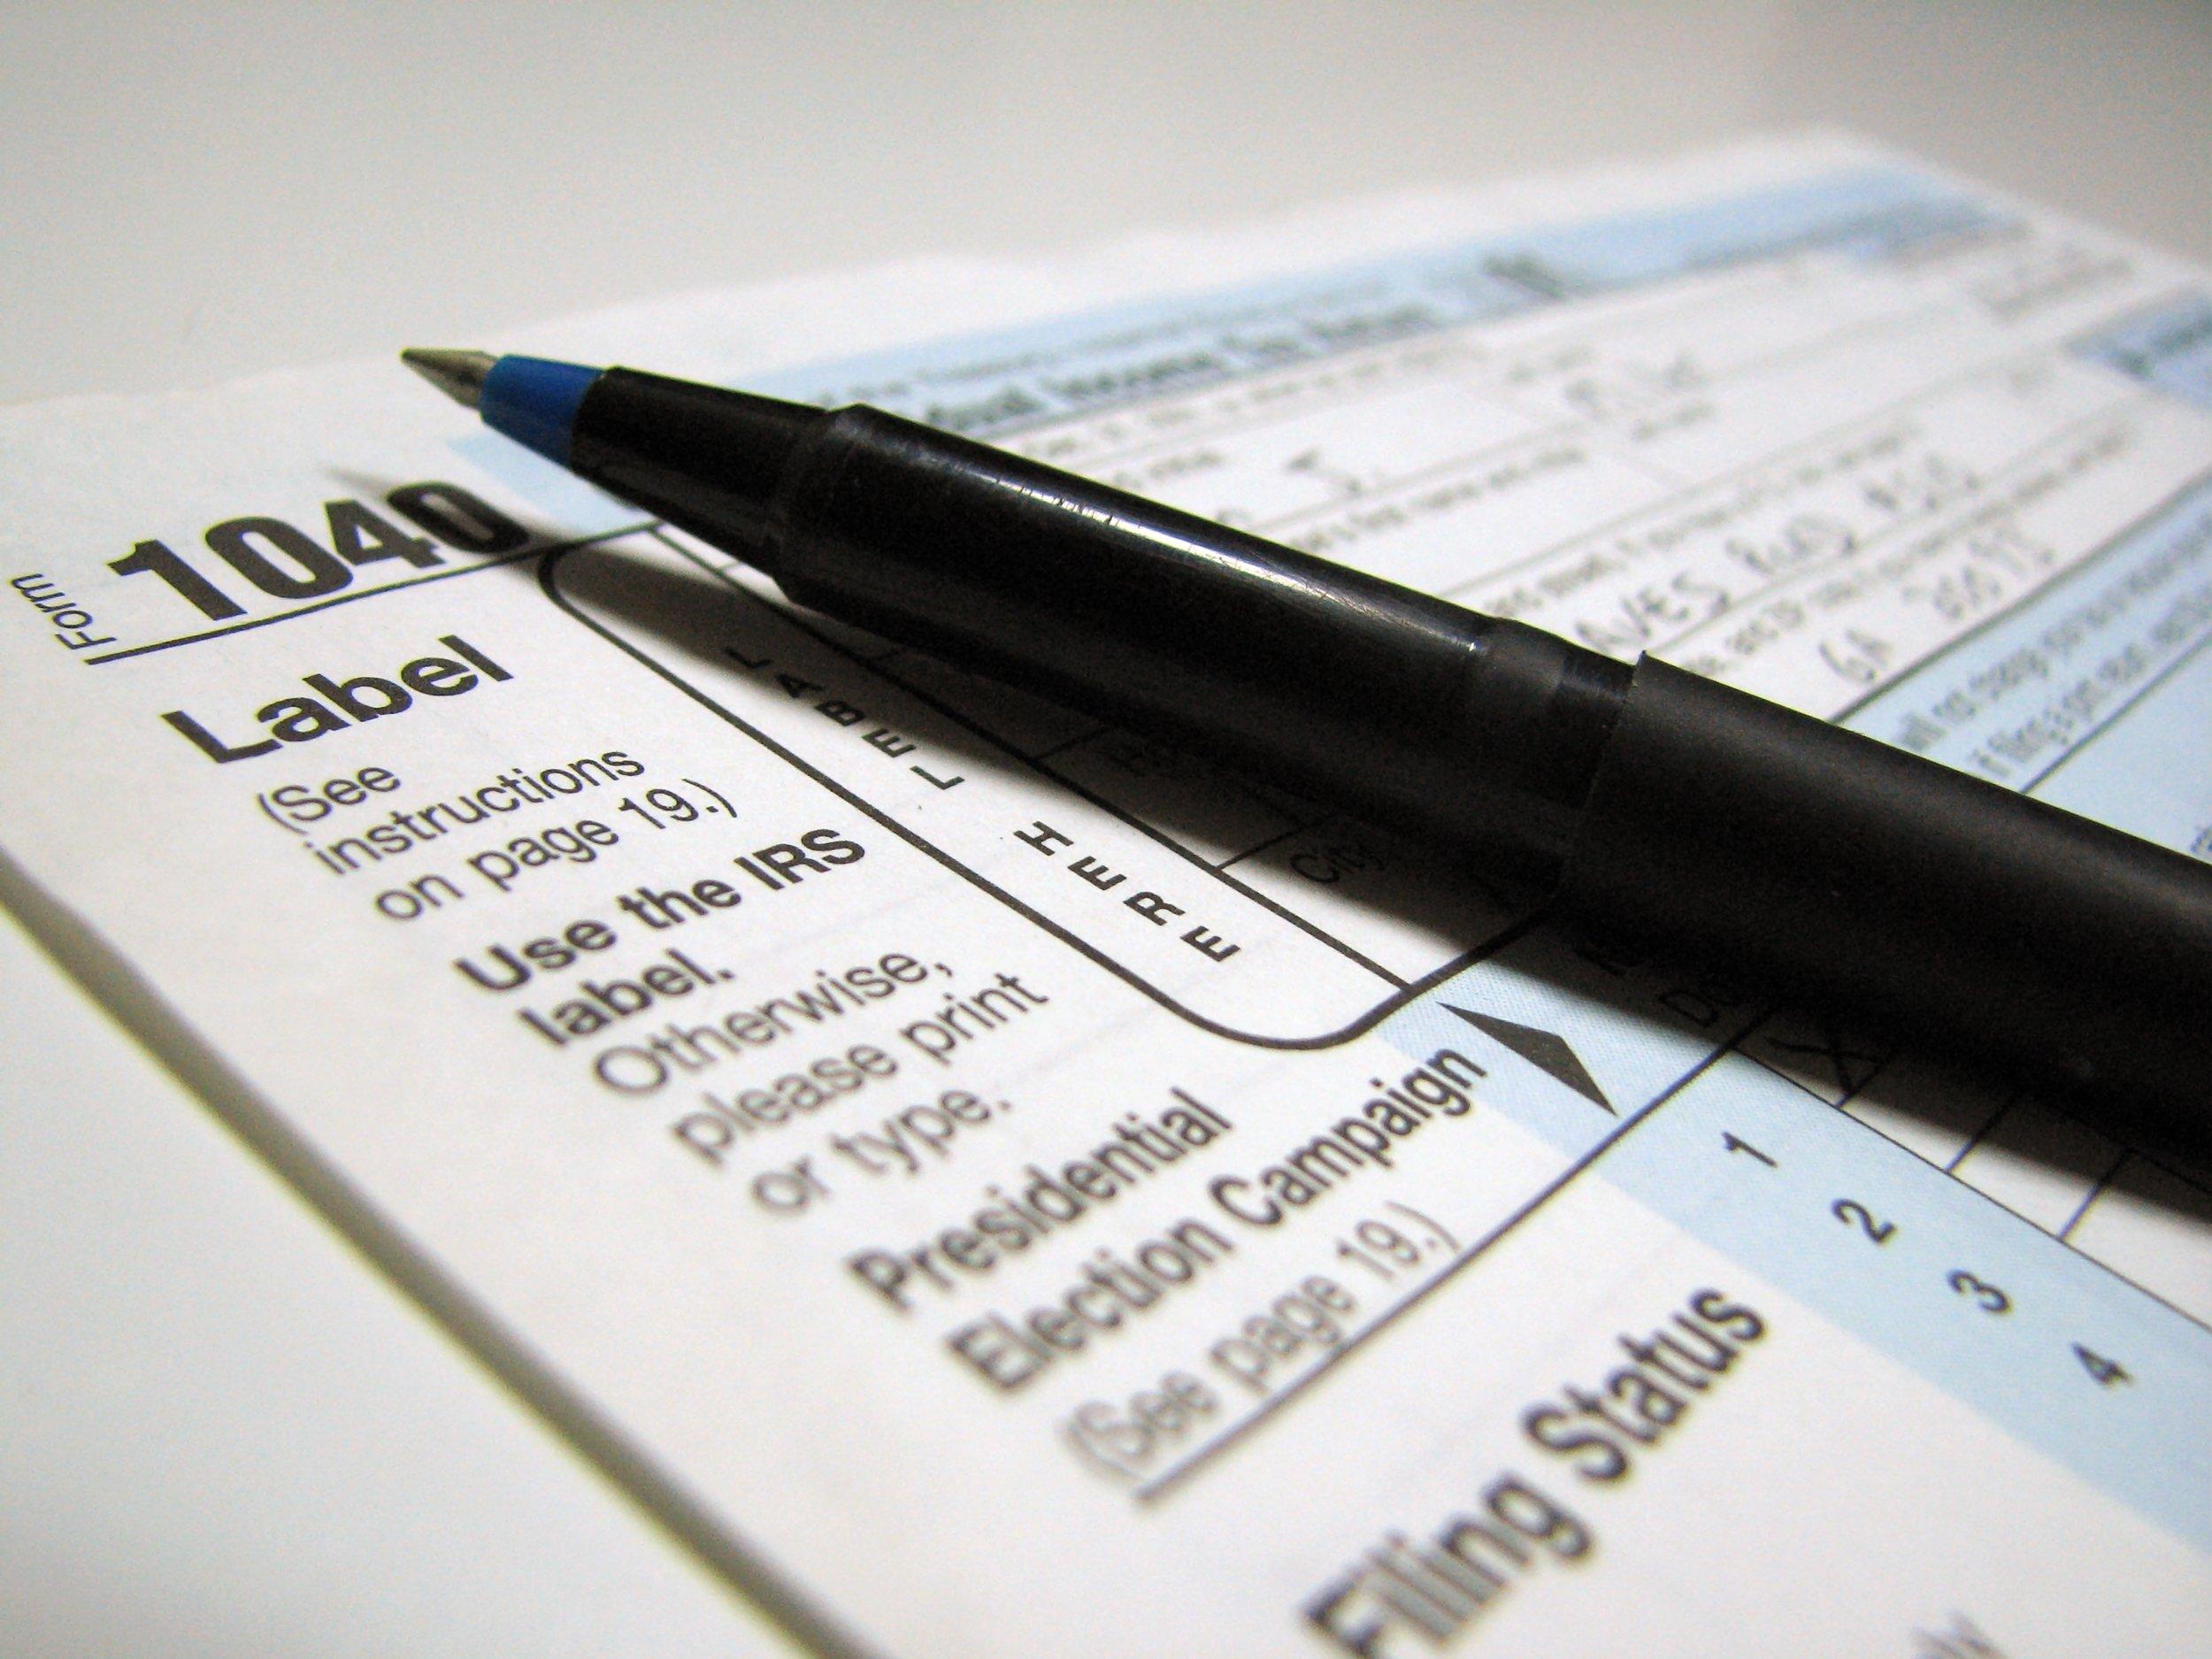 Closeup of a 1040 tax form and a pen